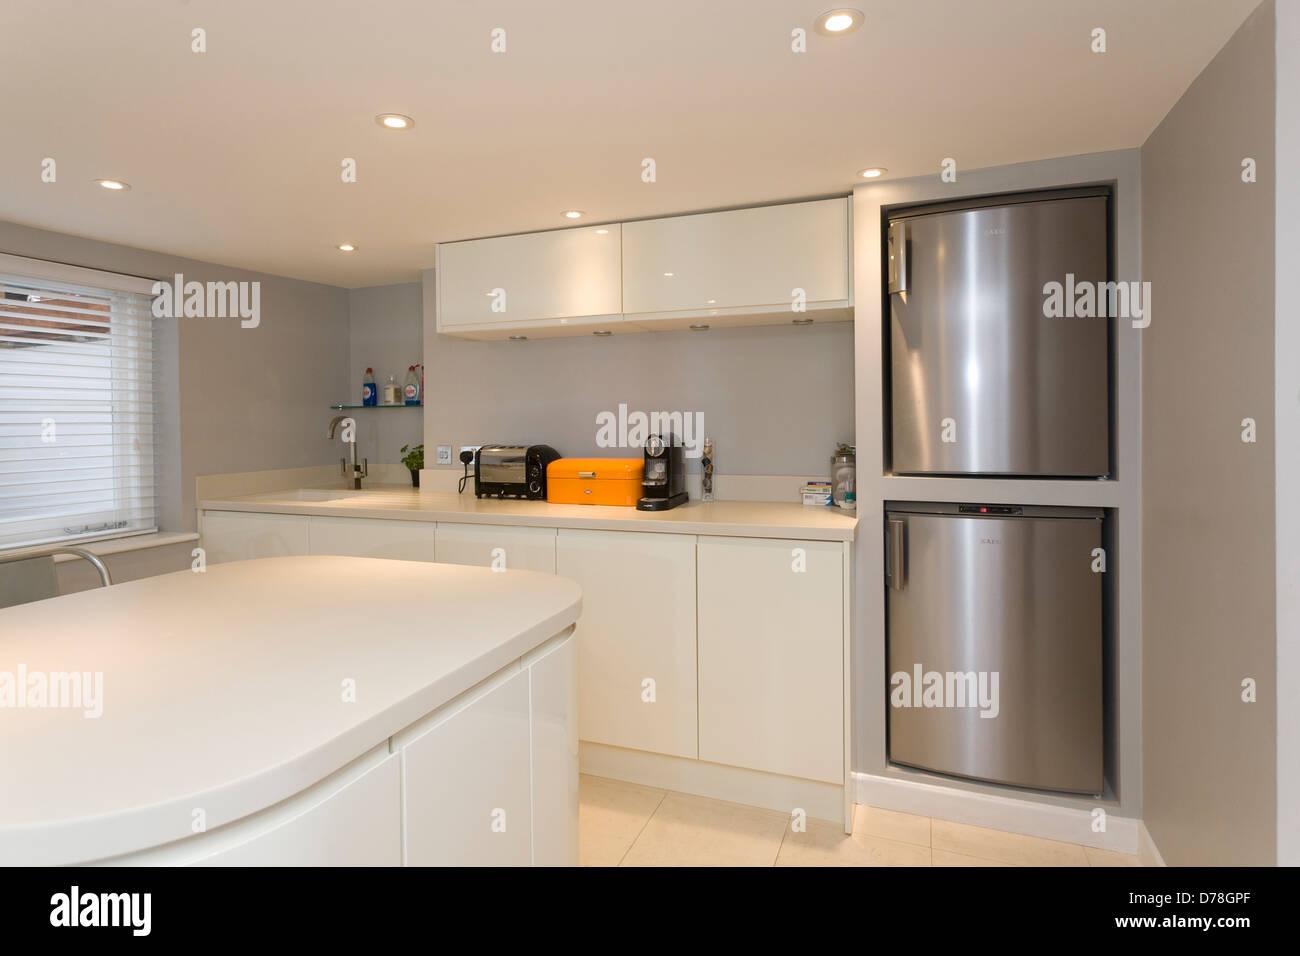 Moderne Keller Küche Stockfoto, Bild: 56122487 - Alamy